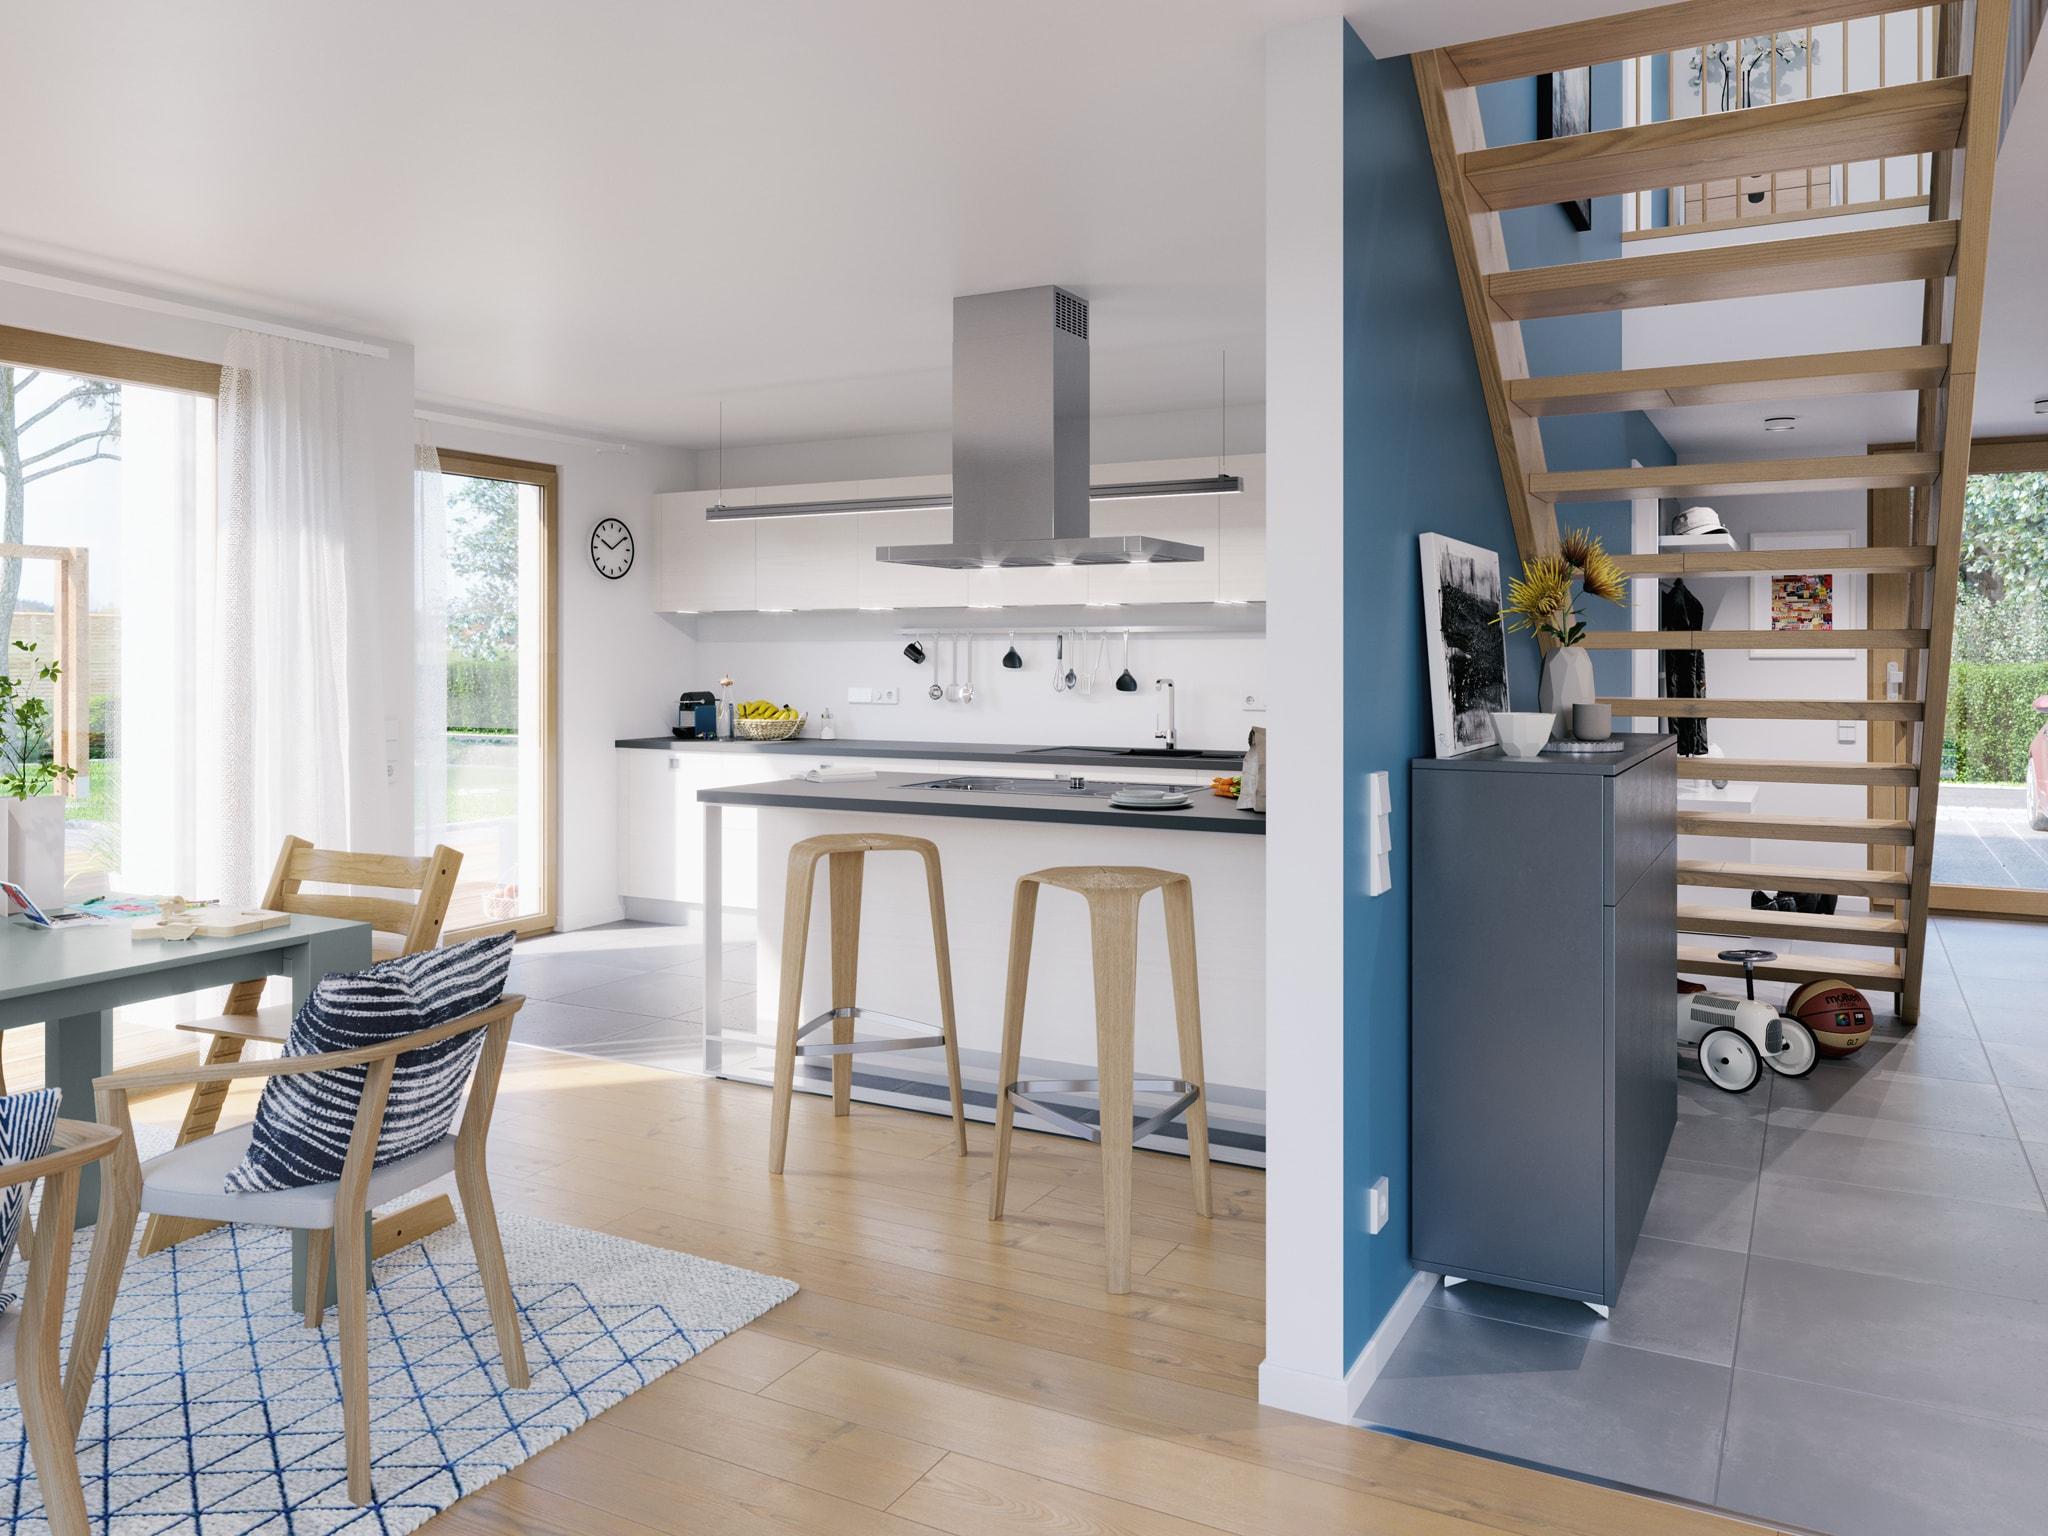 Wohn-Esszimmer Ideen - Inneneinrichtung Fertighaus Living Haus SUNSHINE 154 V5 - HausbauDirekt.de